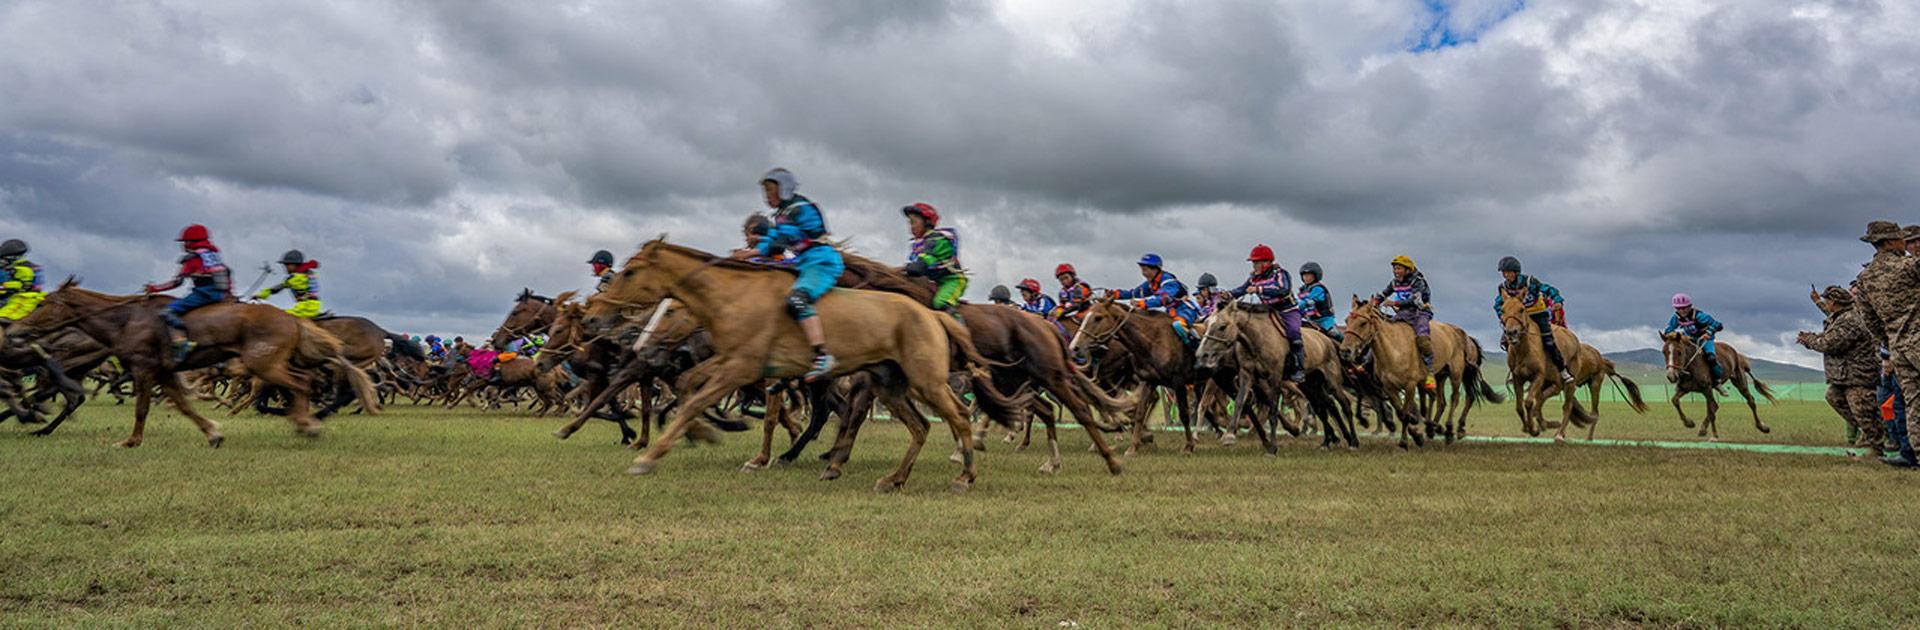 MN Mongolia con Festival Naadam 16 días 2